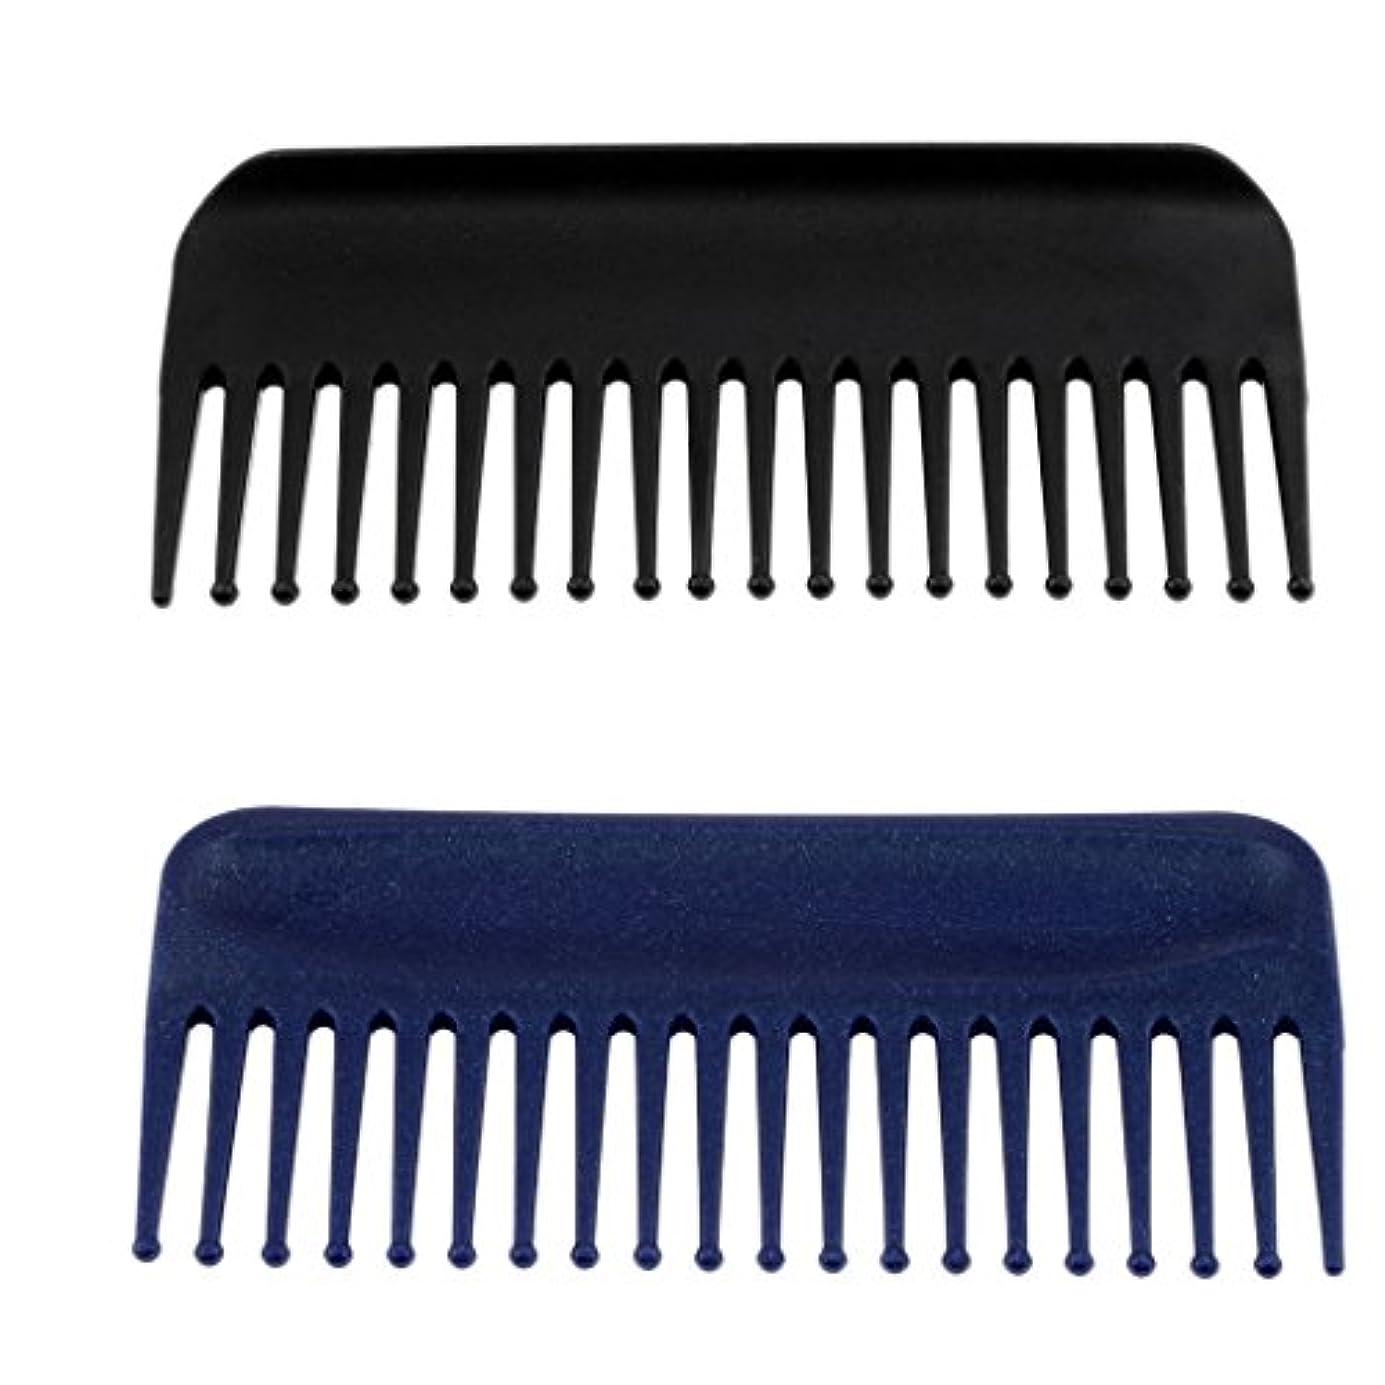 重量集団的寝室を掃除するヘアコーム 静電気防止櫛 頭皮マッサージ ヘアケア 2個